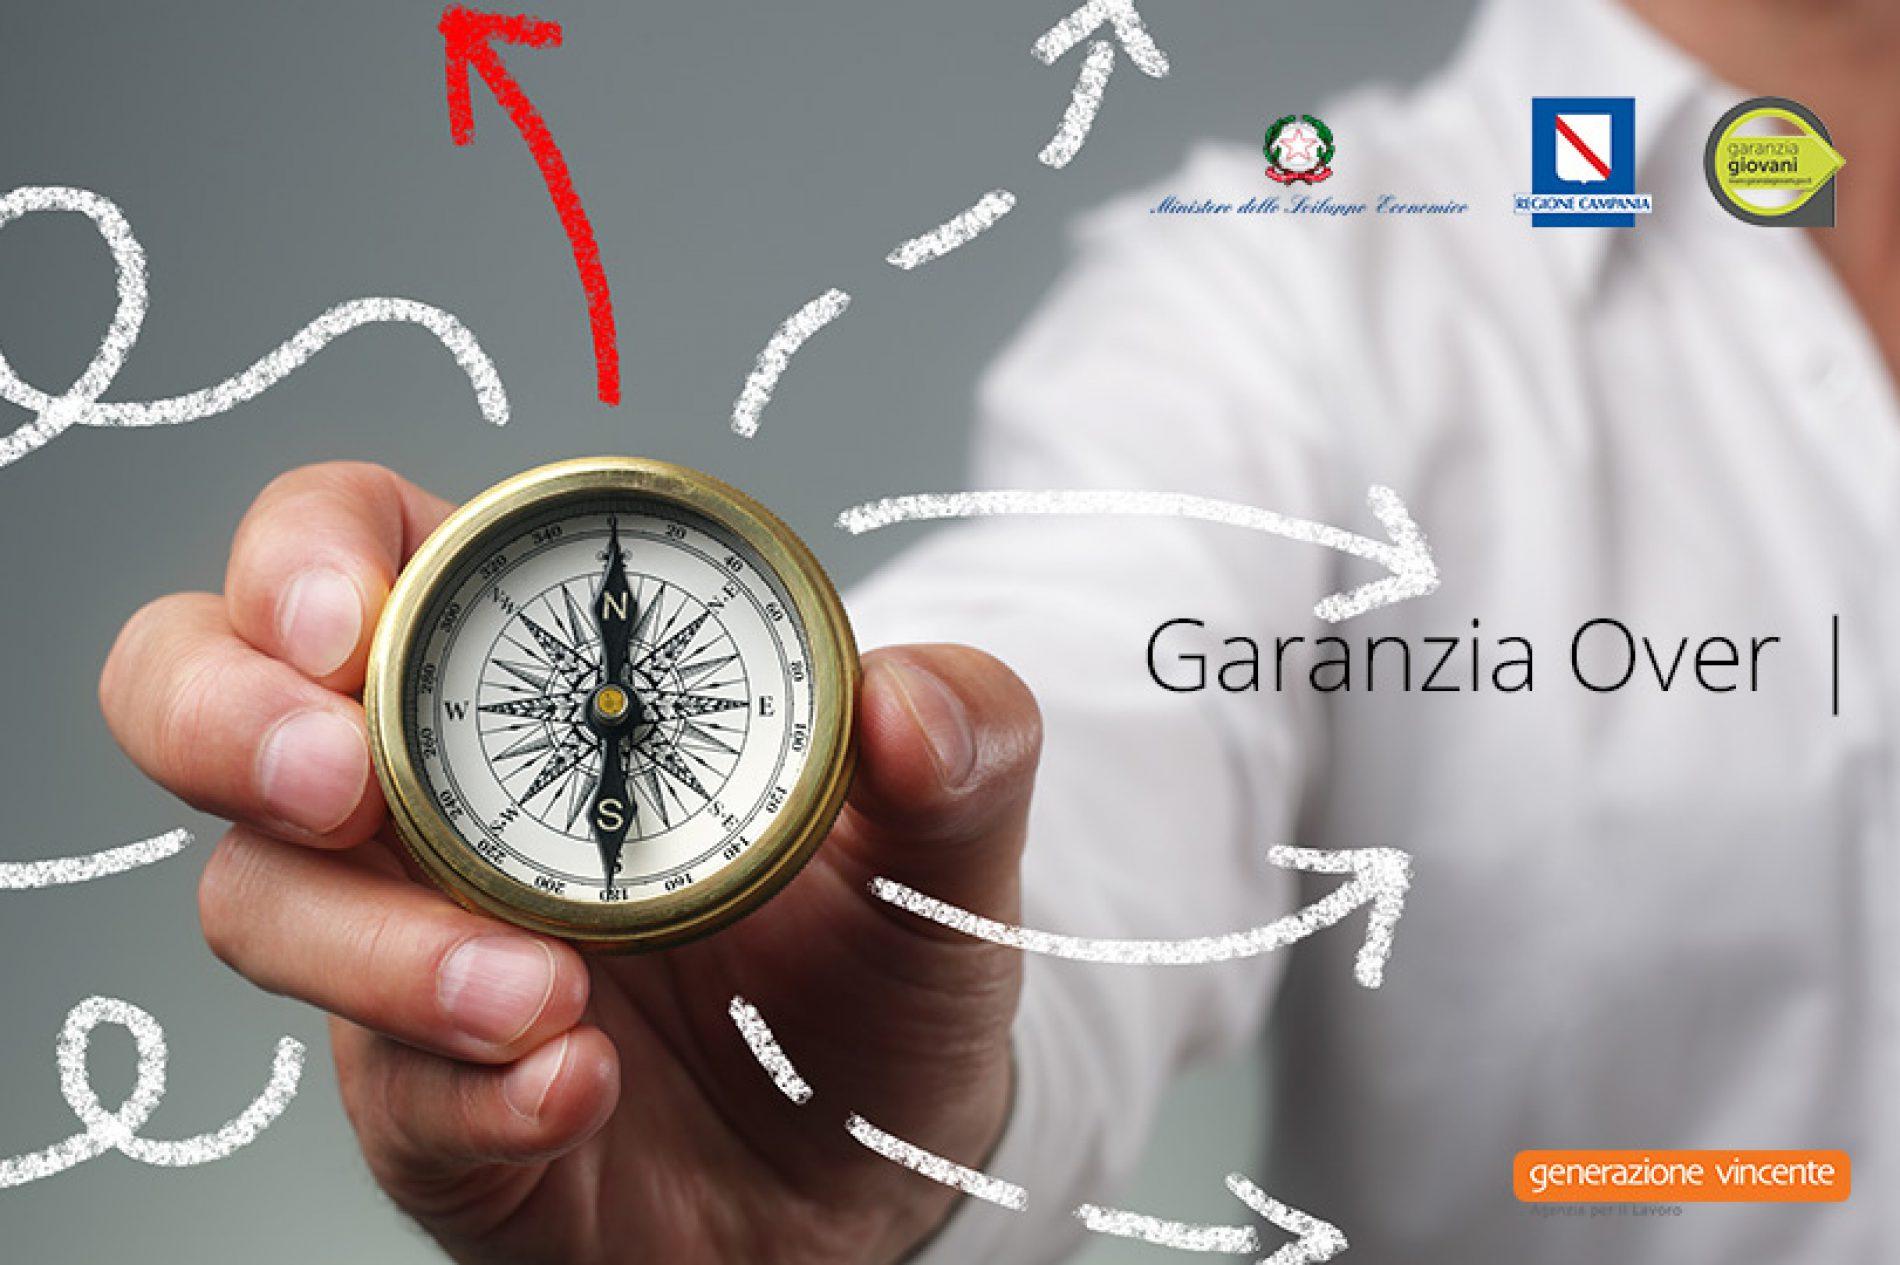 Garanzia Over: la Regione Campania promuove il reinserimento lavorativo